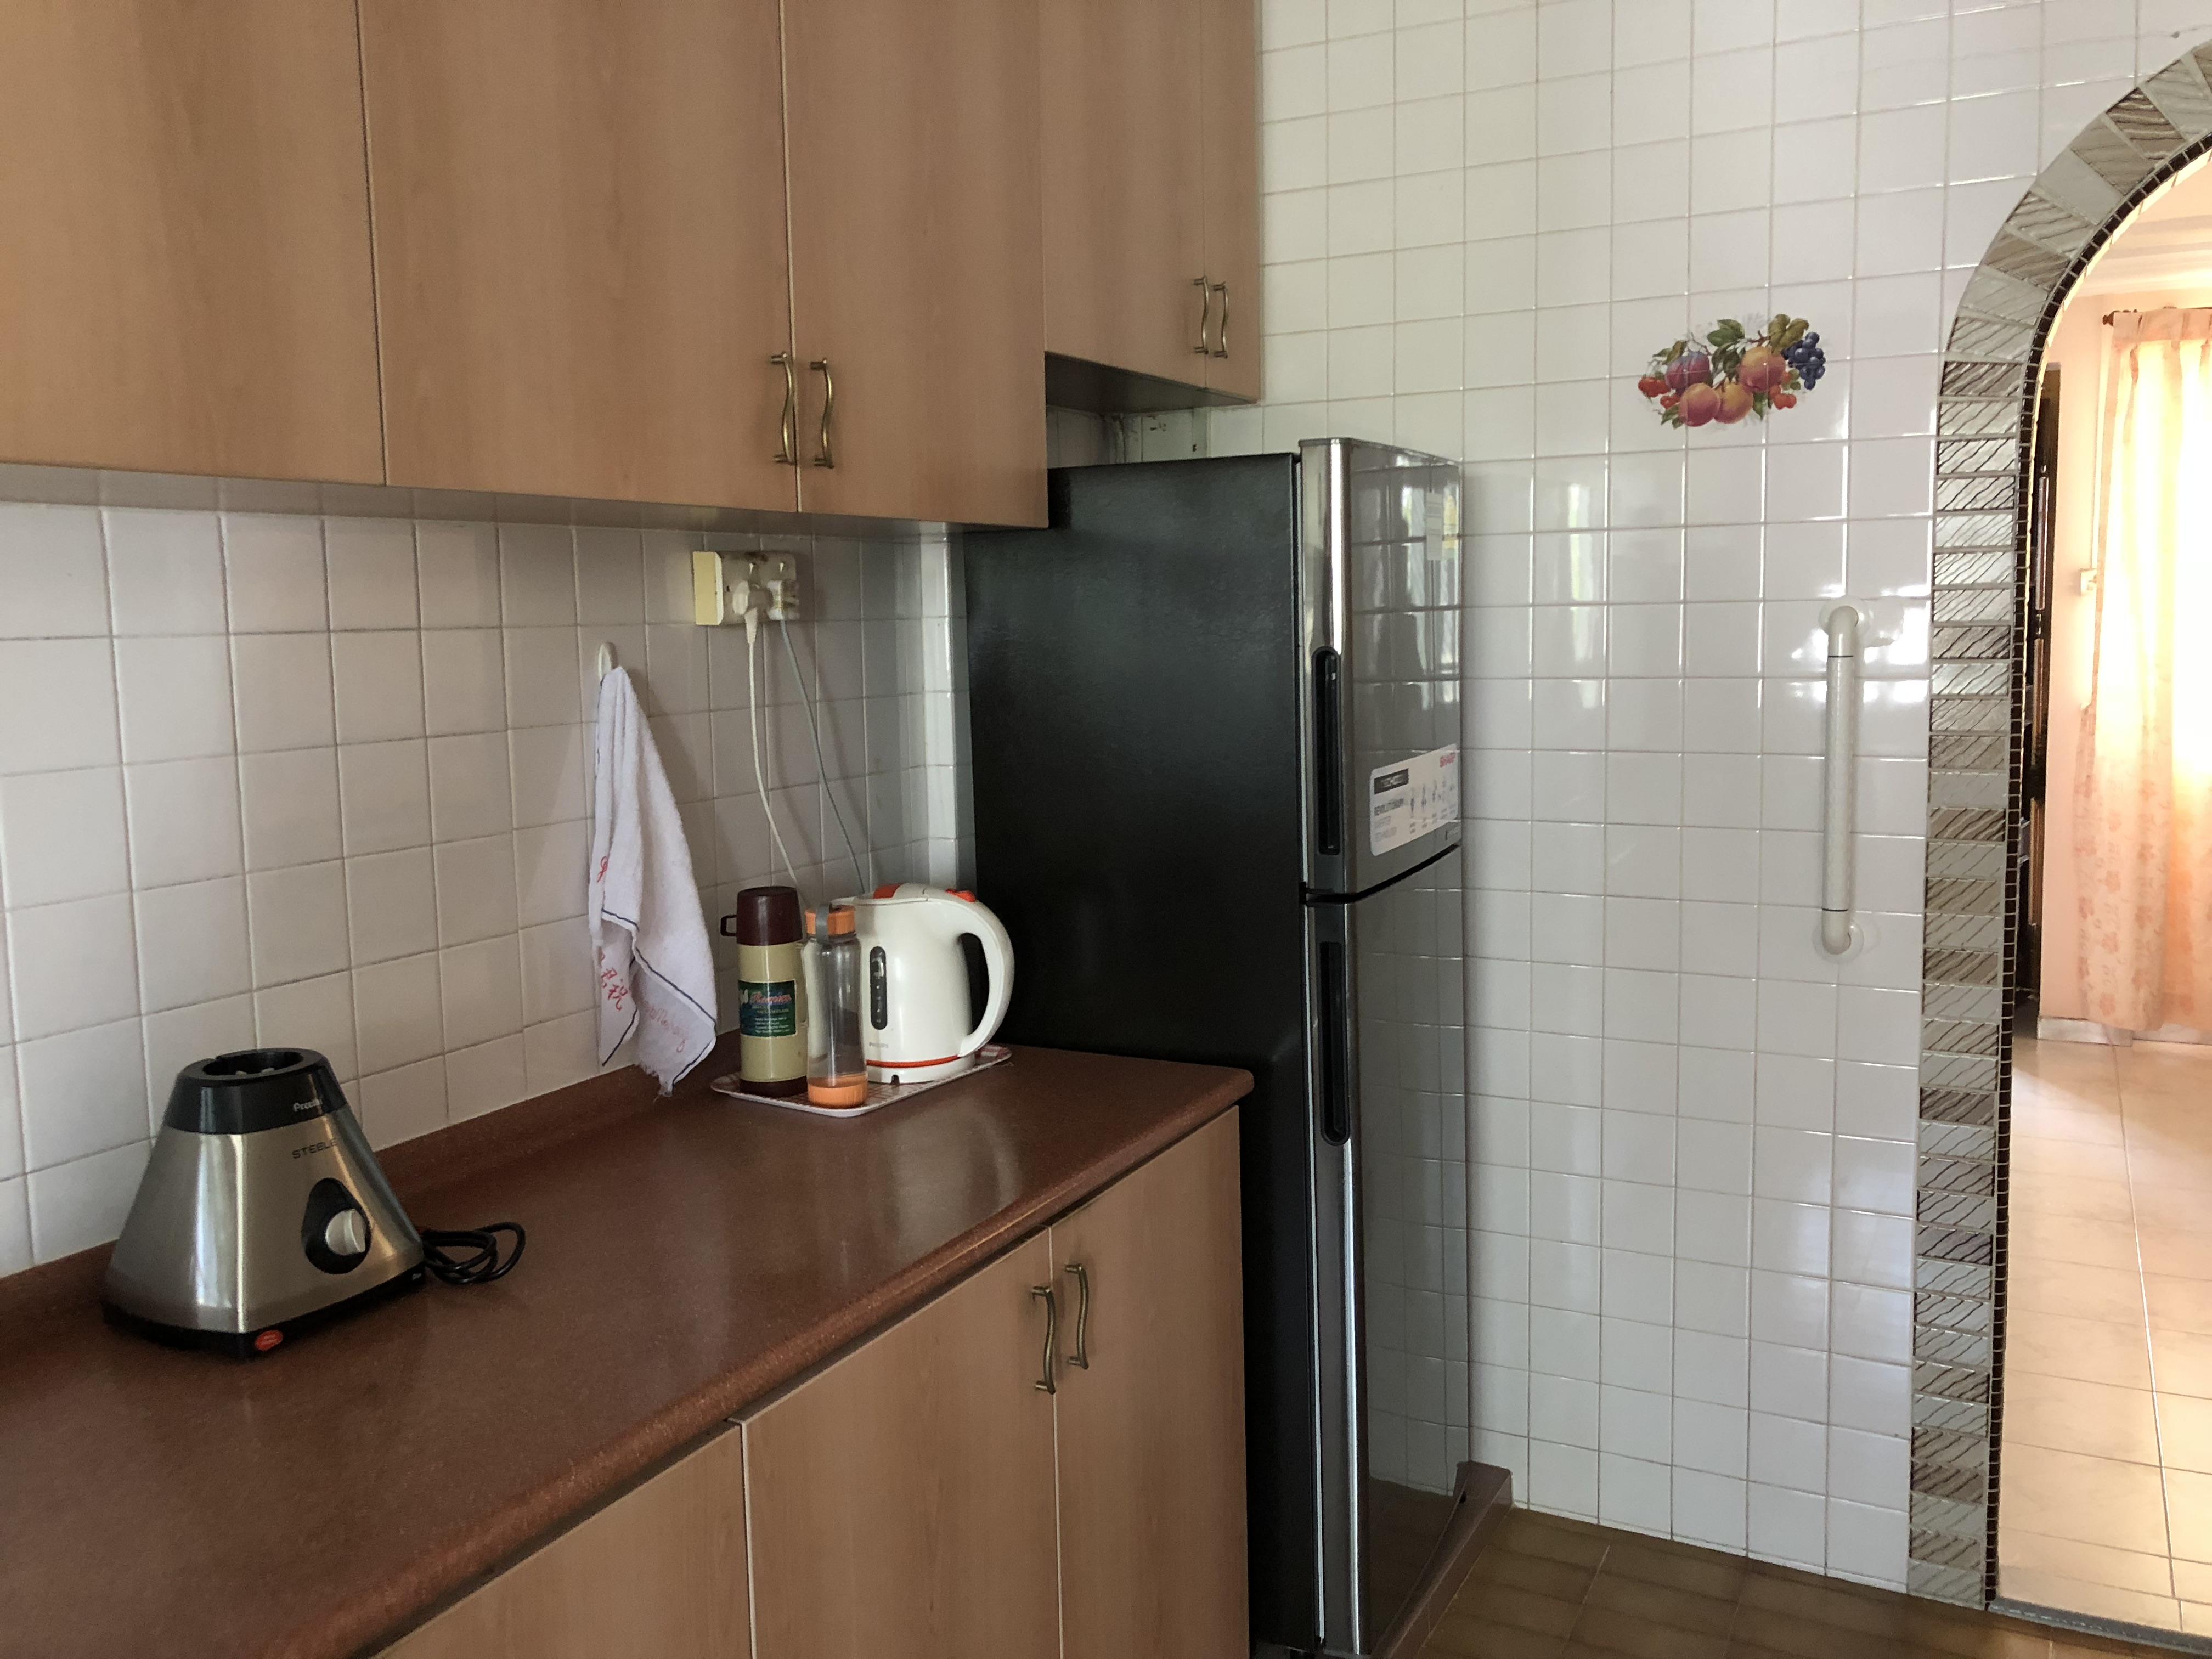 碧山组屋出租, 厨房照片